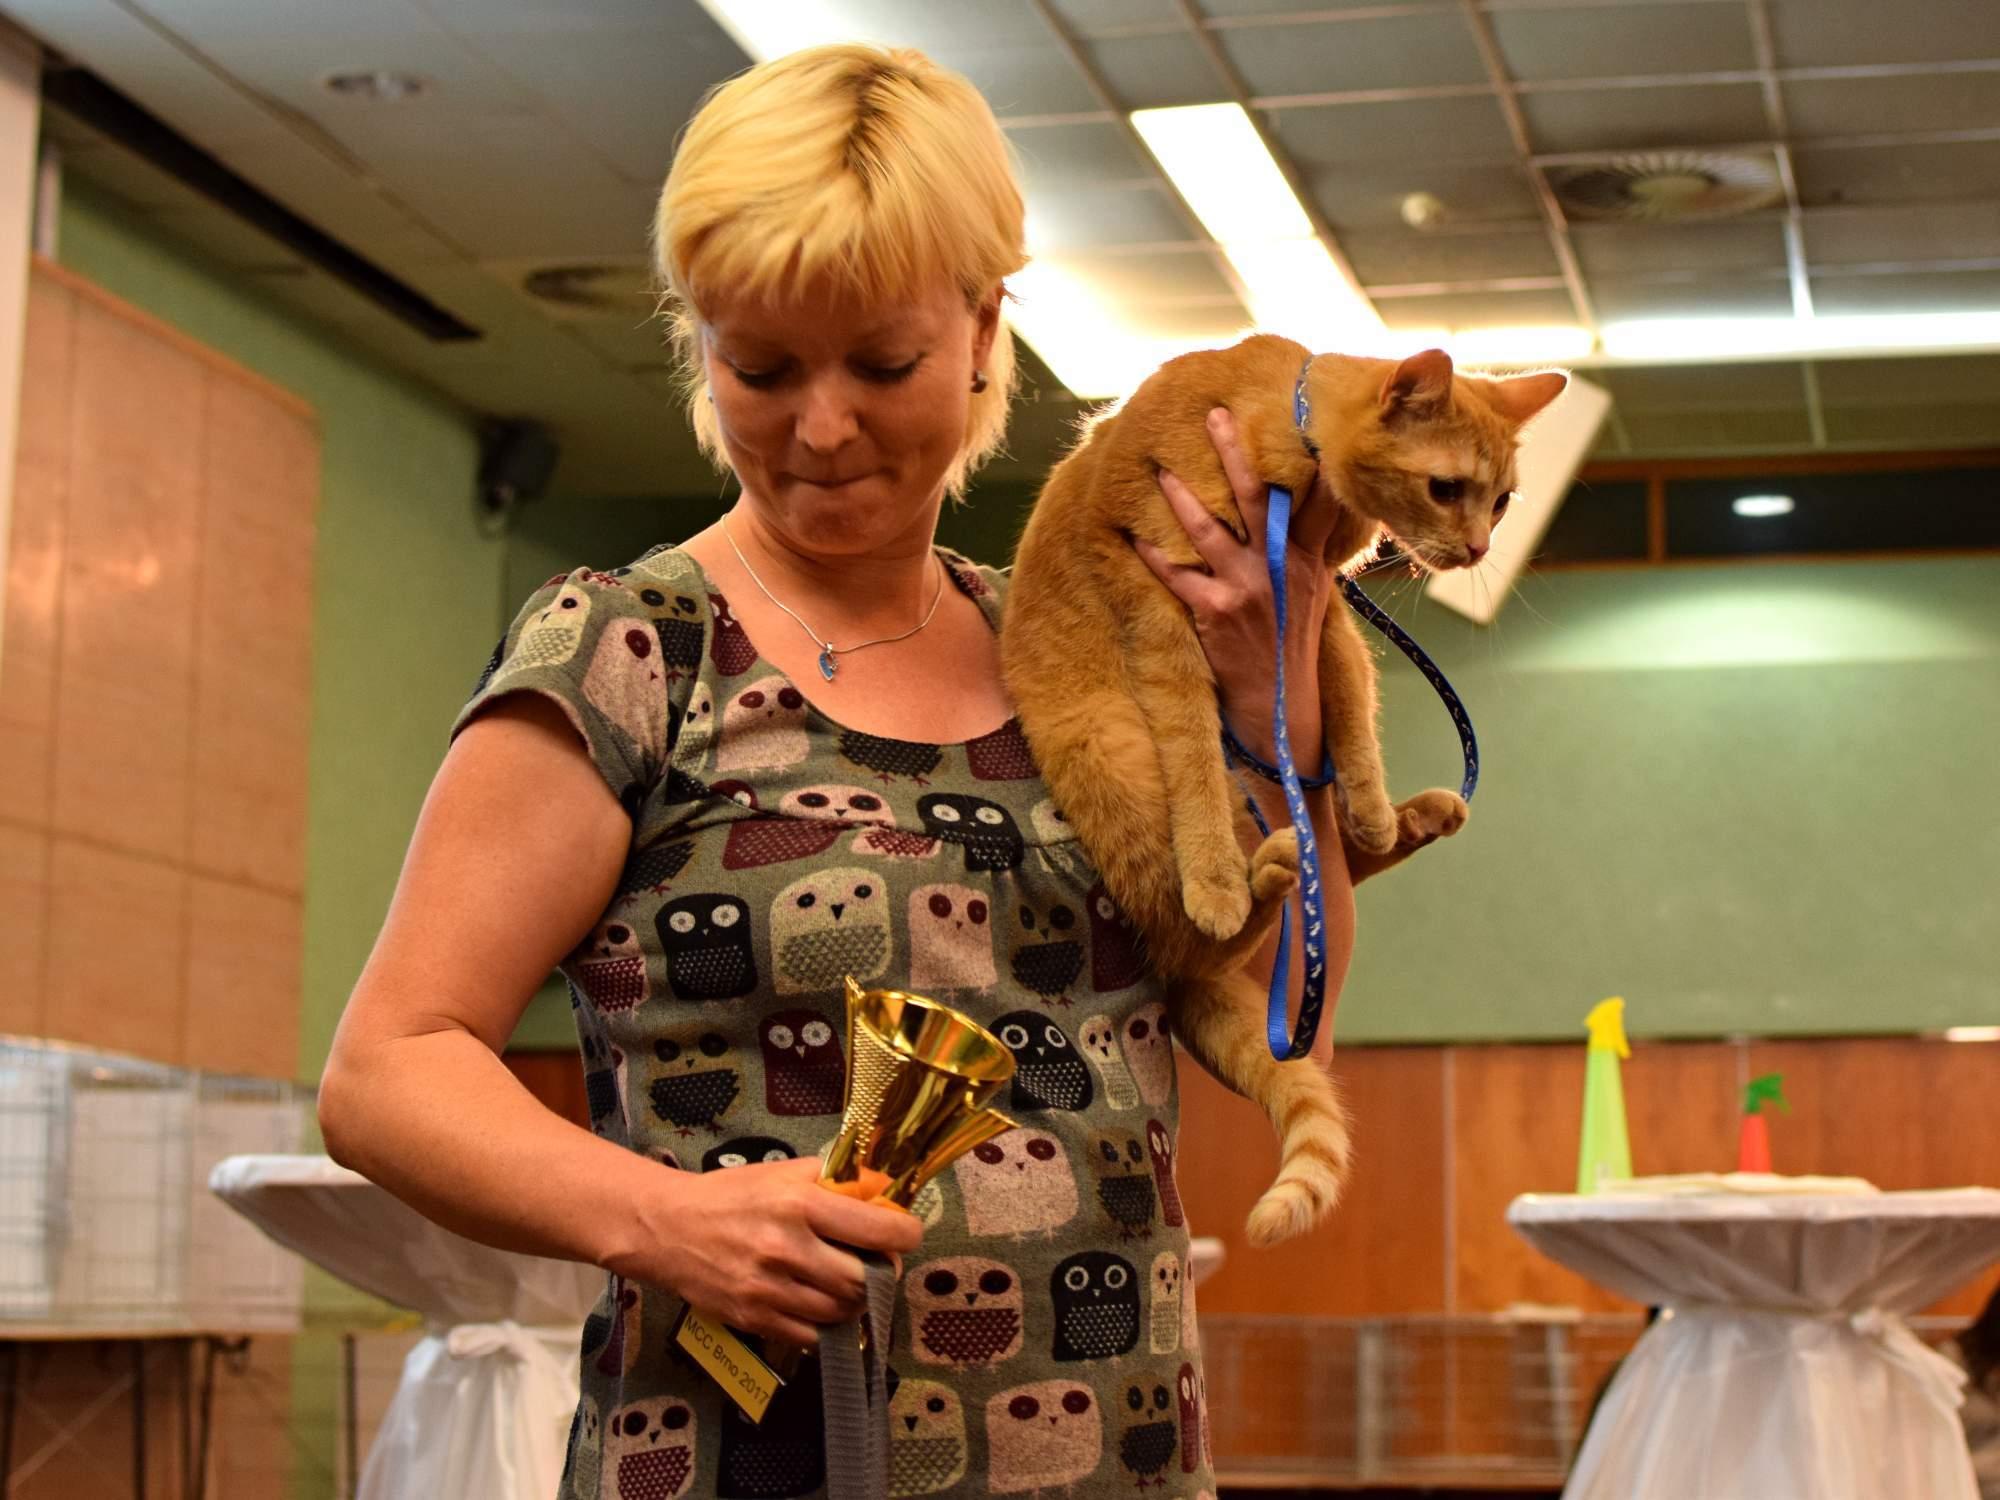 Cenu diváků Miss Voroněž vyhrála obyčejná domácí kočka zrzek. Foto: Lenka Jebáčková